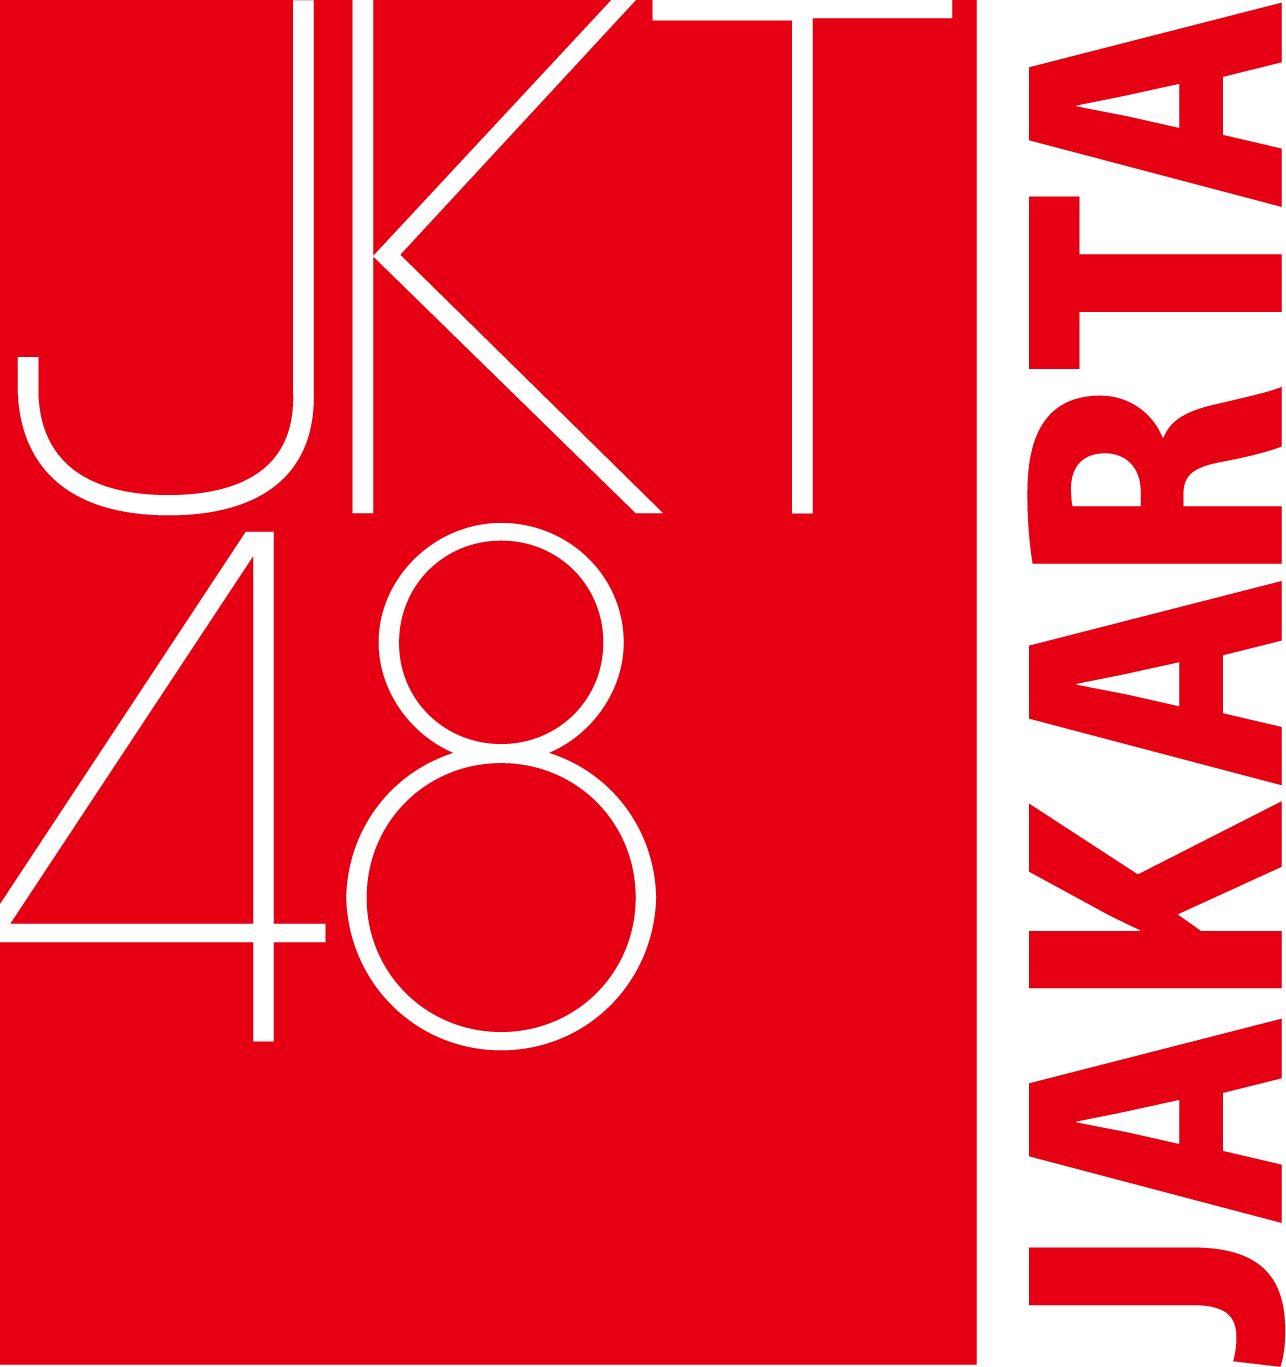 JKT48+LOGO.JPG